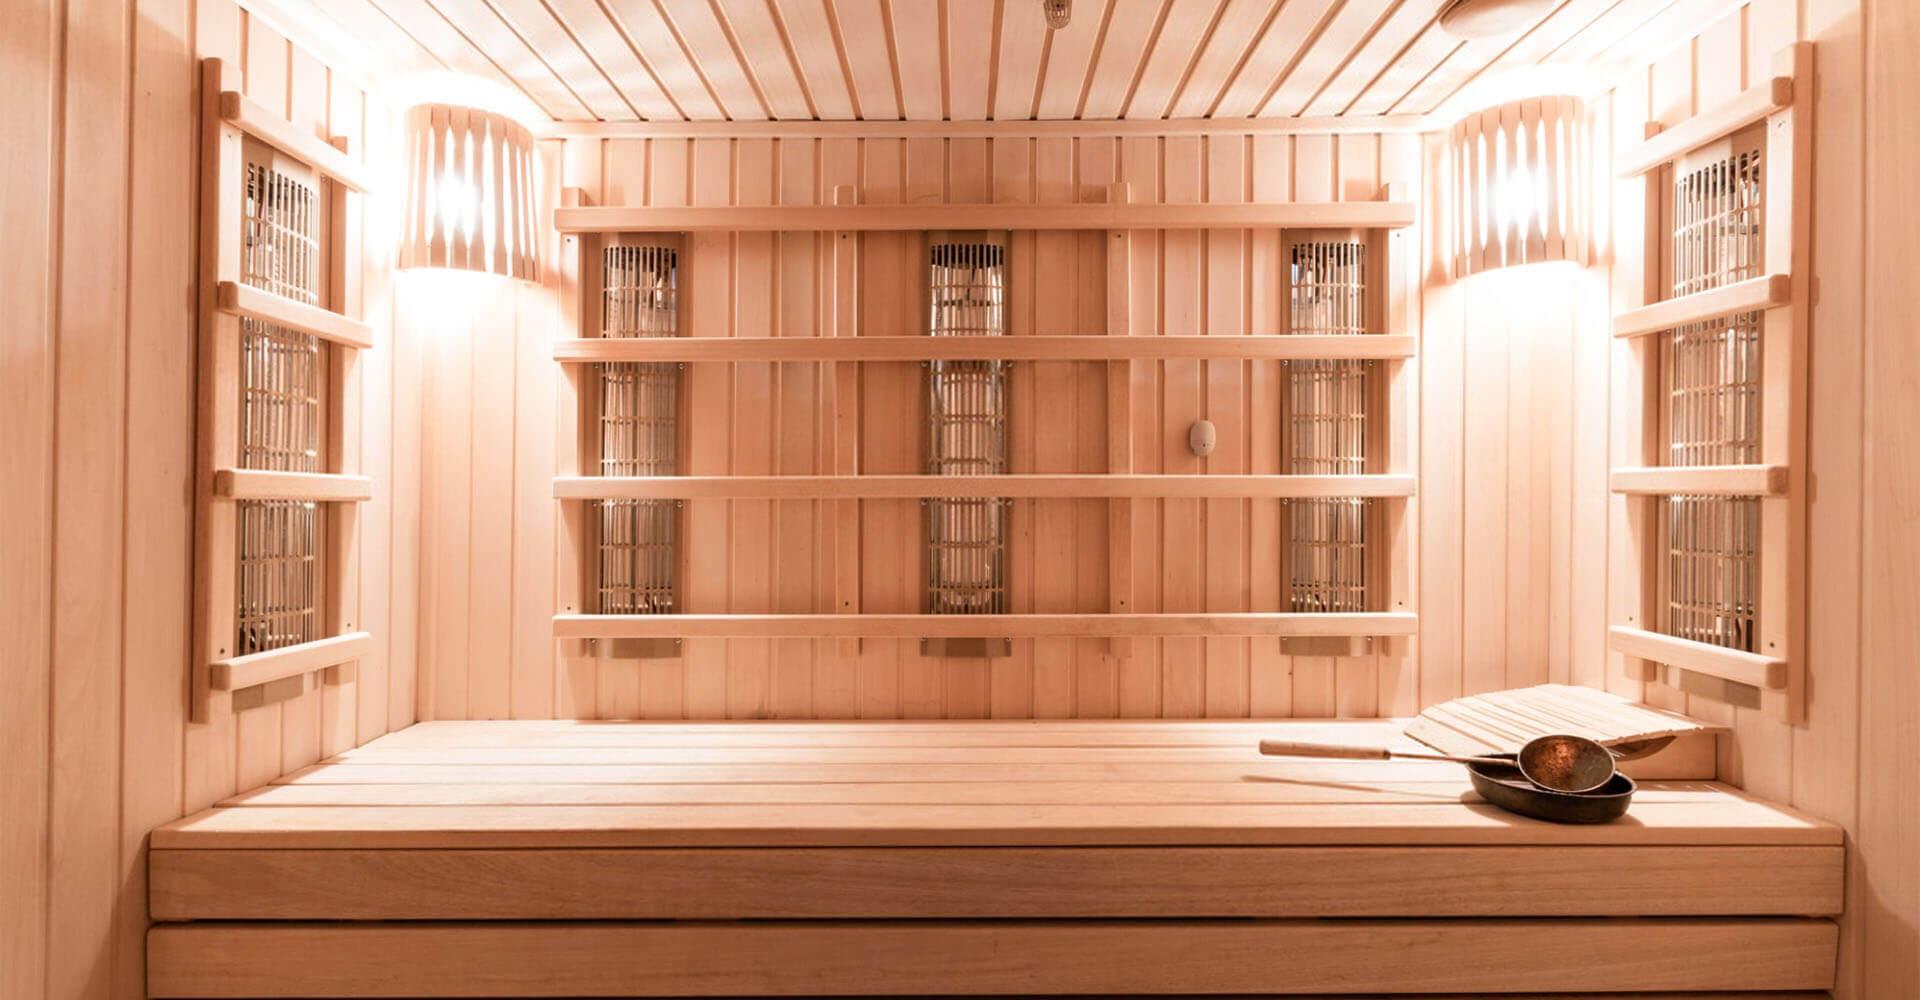 Die Infrarot Sauna Fur Zuhause Fur Ein Inniges Sauna Erlebnis